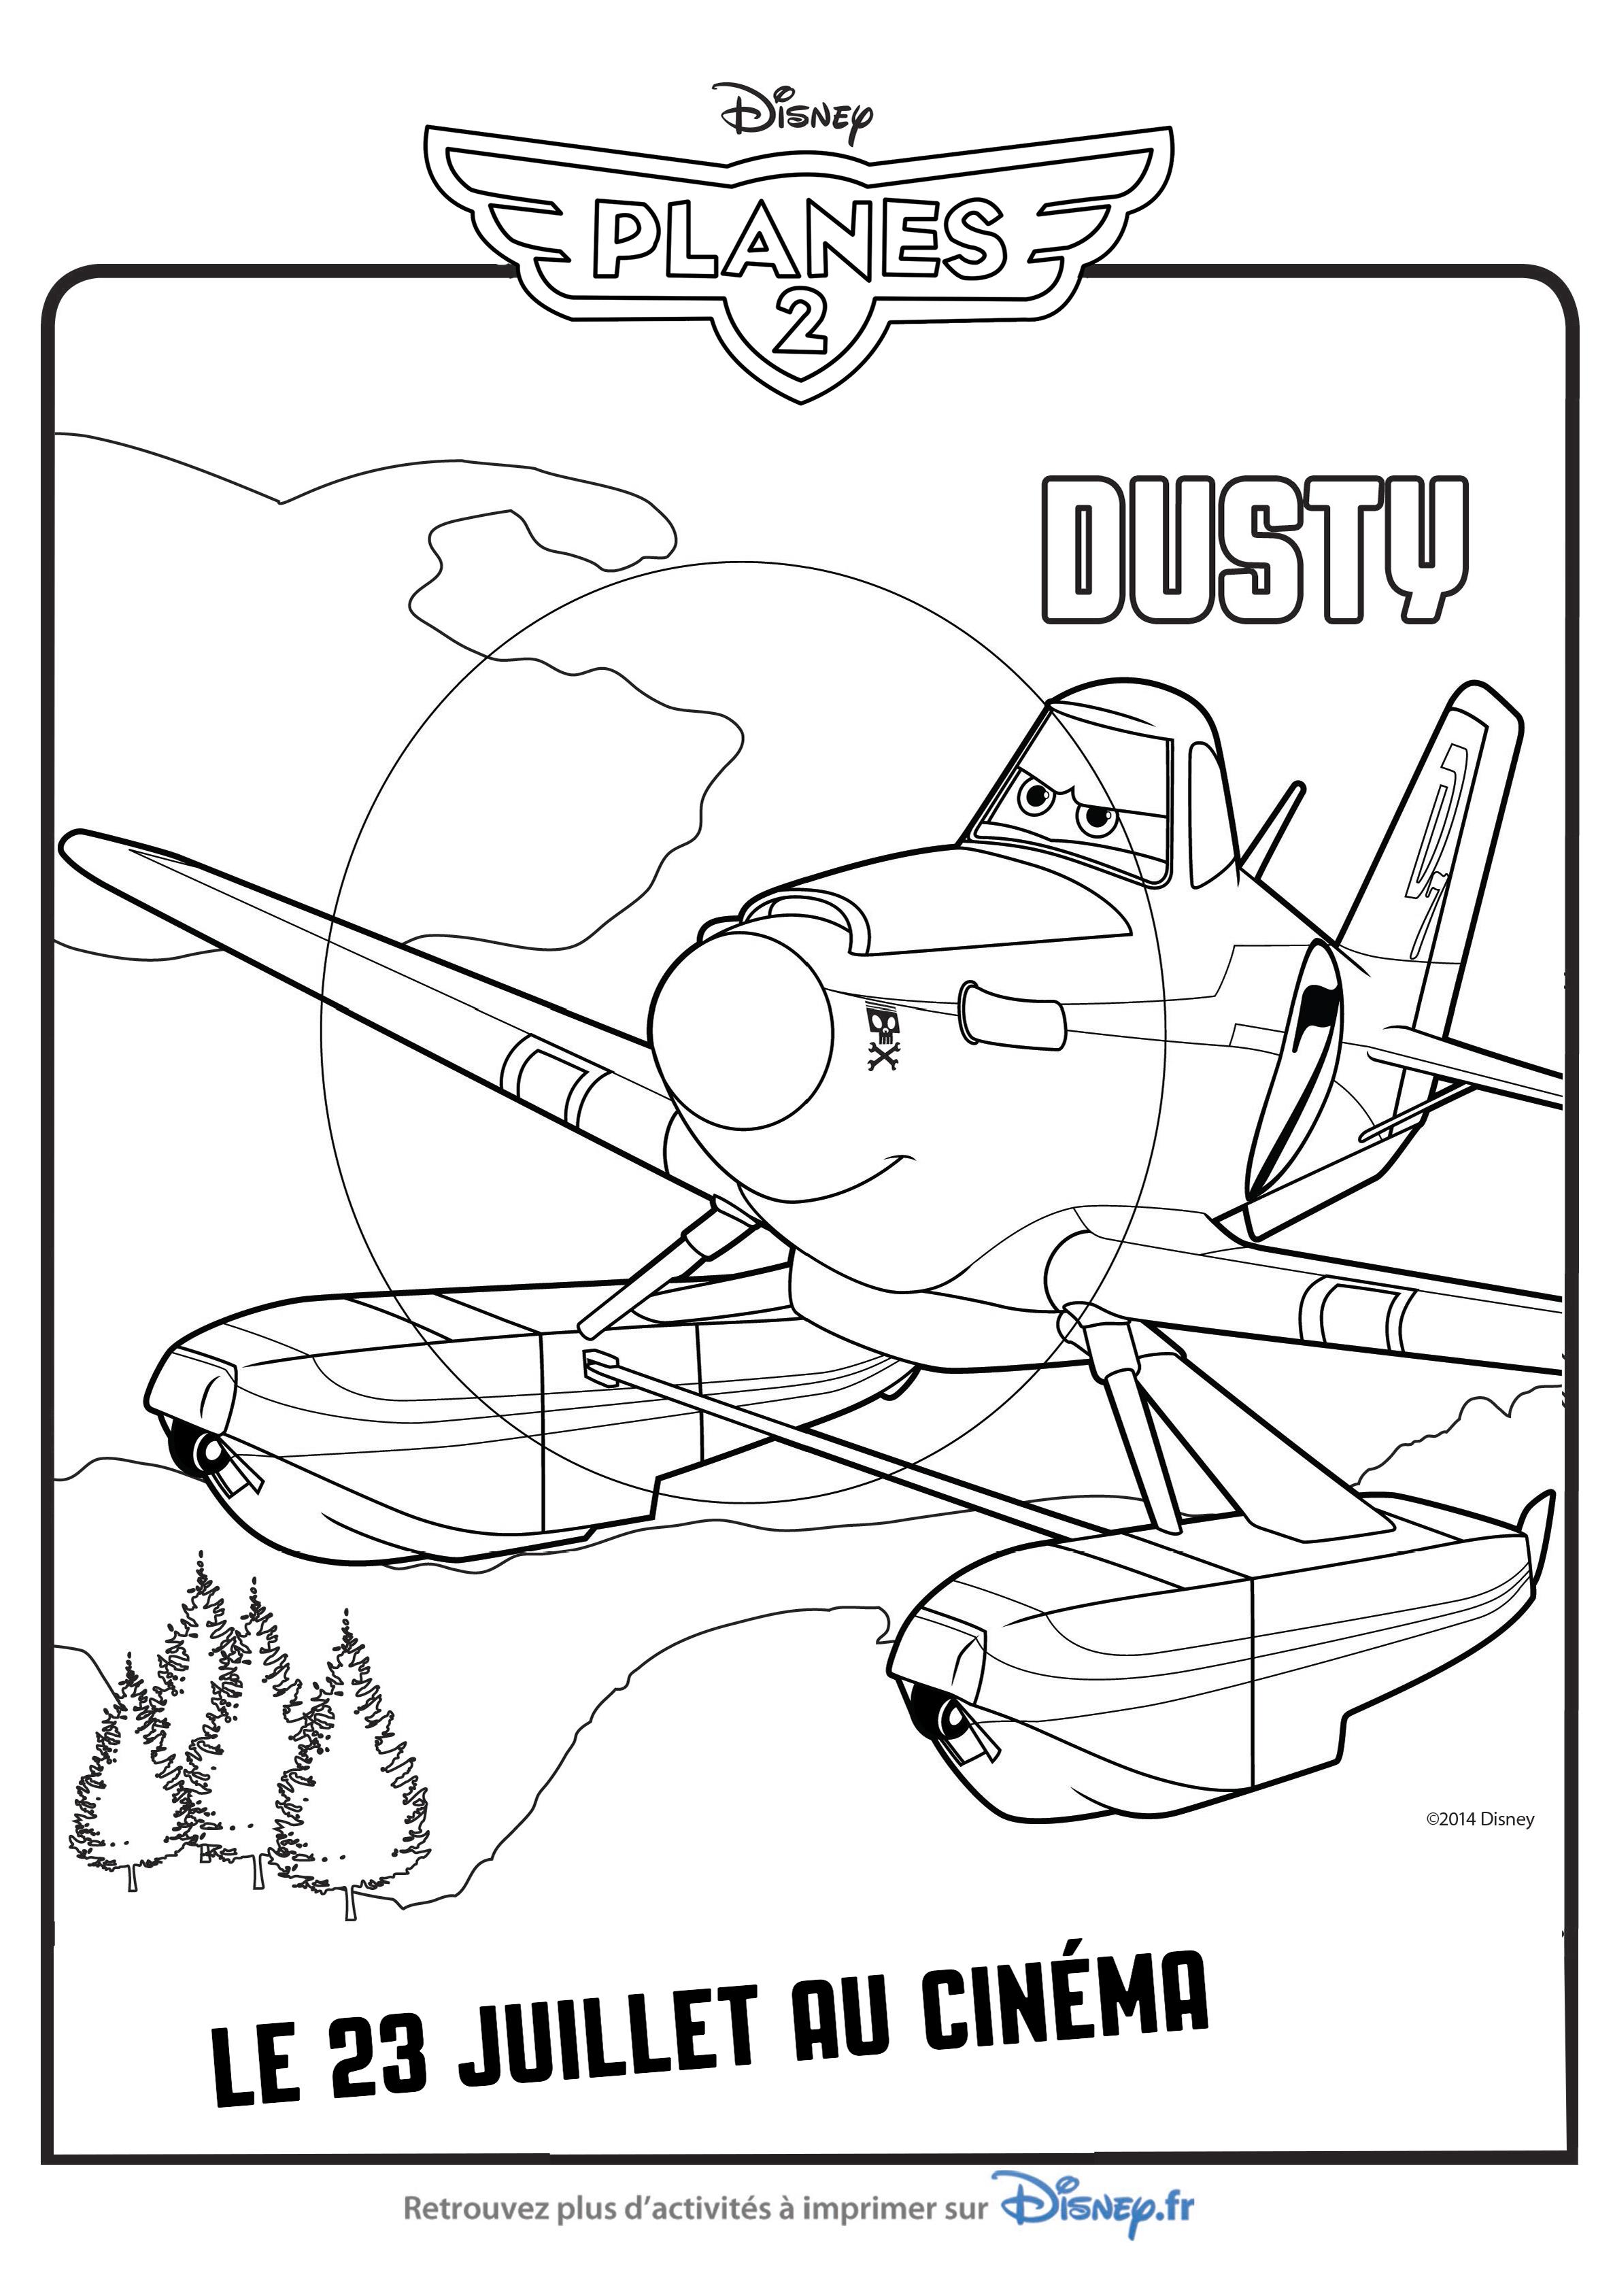 Coloriage personnages planes 2 lorsque le c l bre coureur a rien dusty crophopper revient dans - Planes coloriage ...